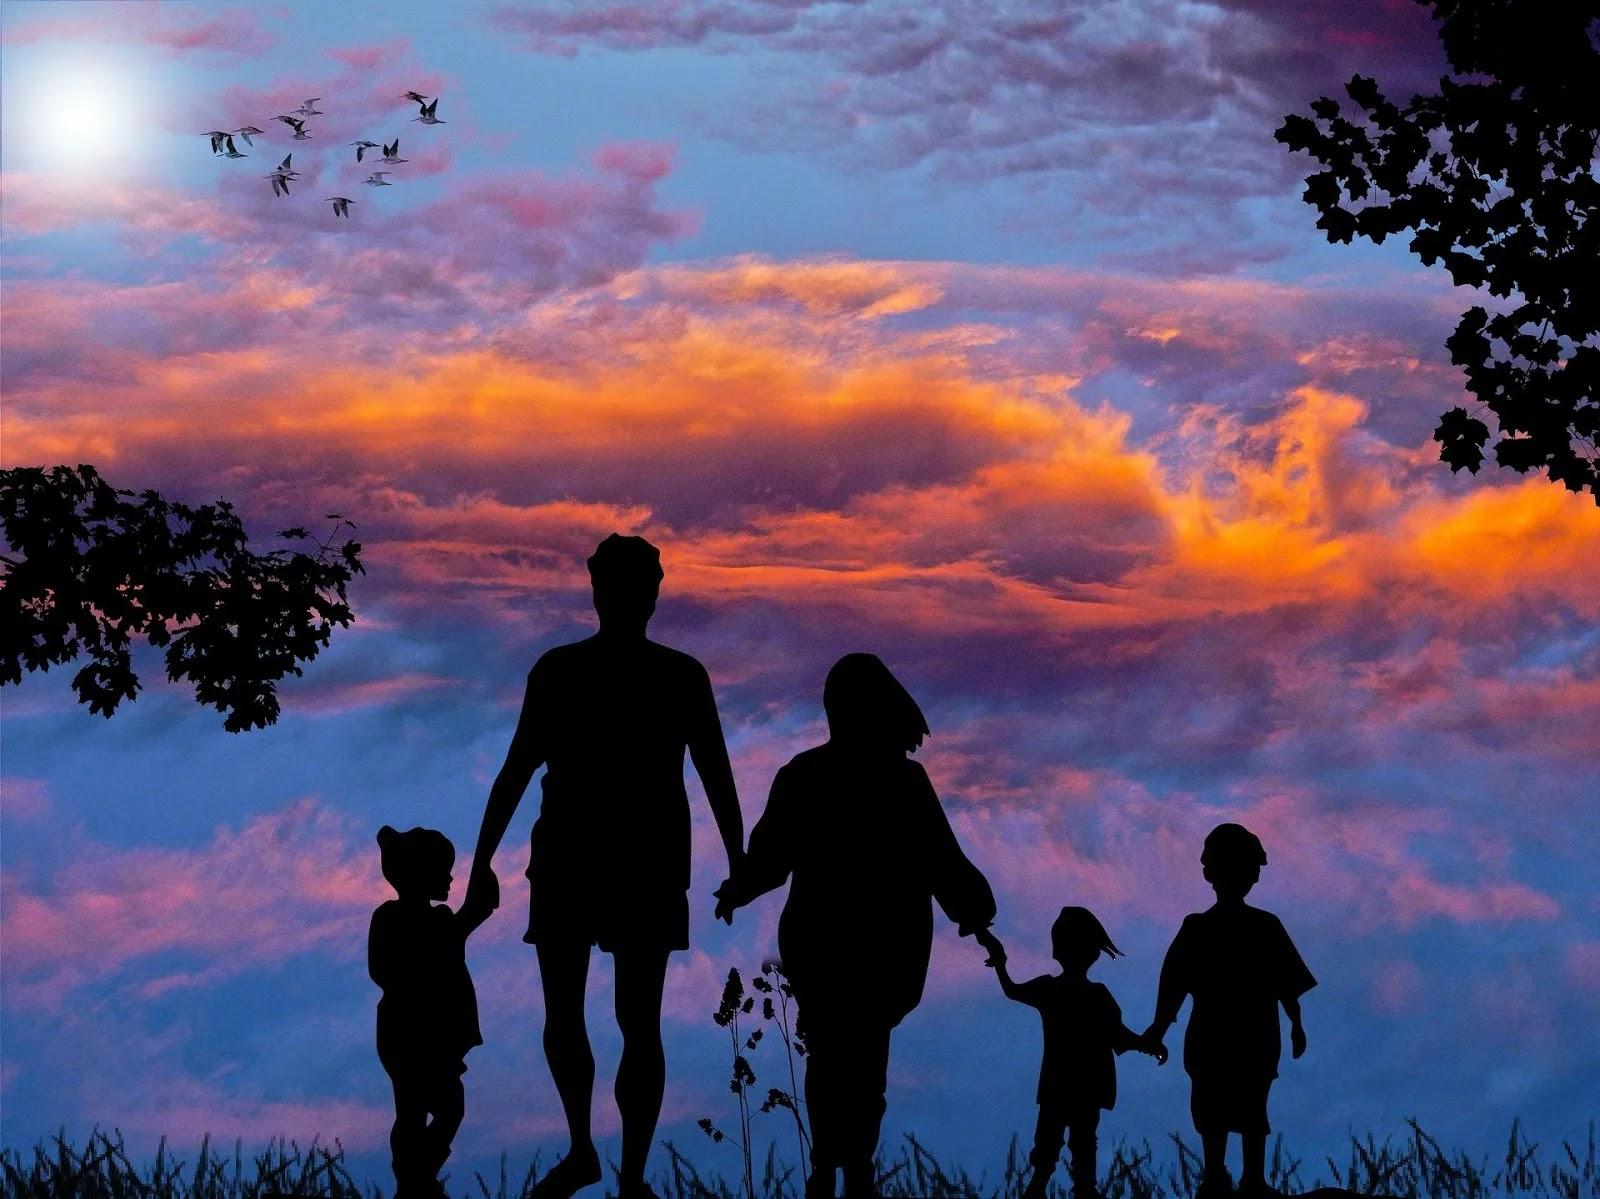 خلفيات مميزة جدا للعائلات